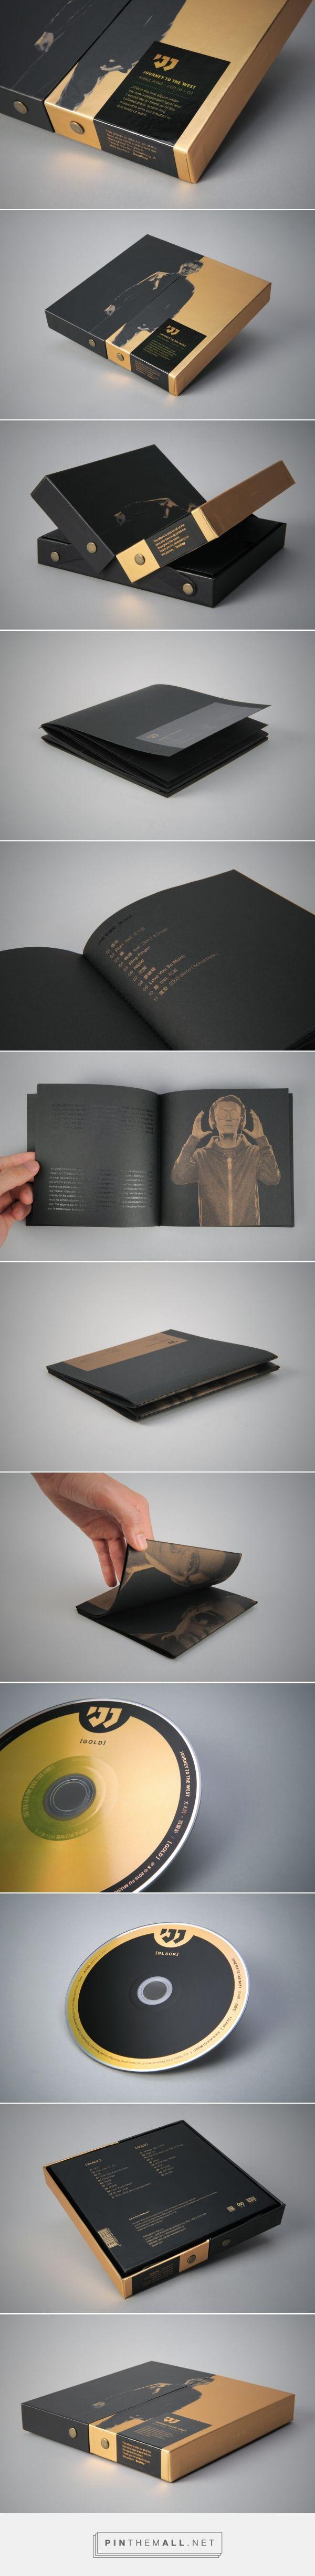 优秀平面设计作品集(92)